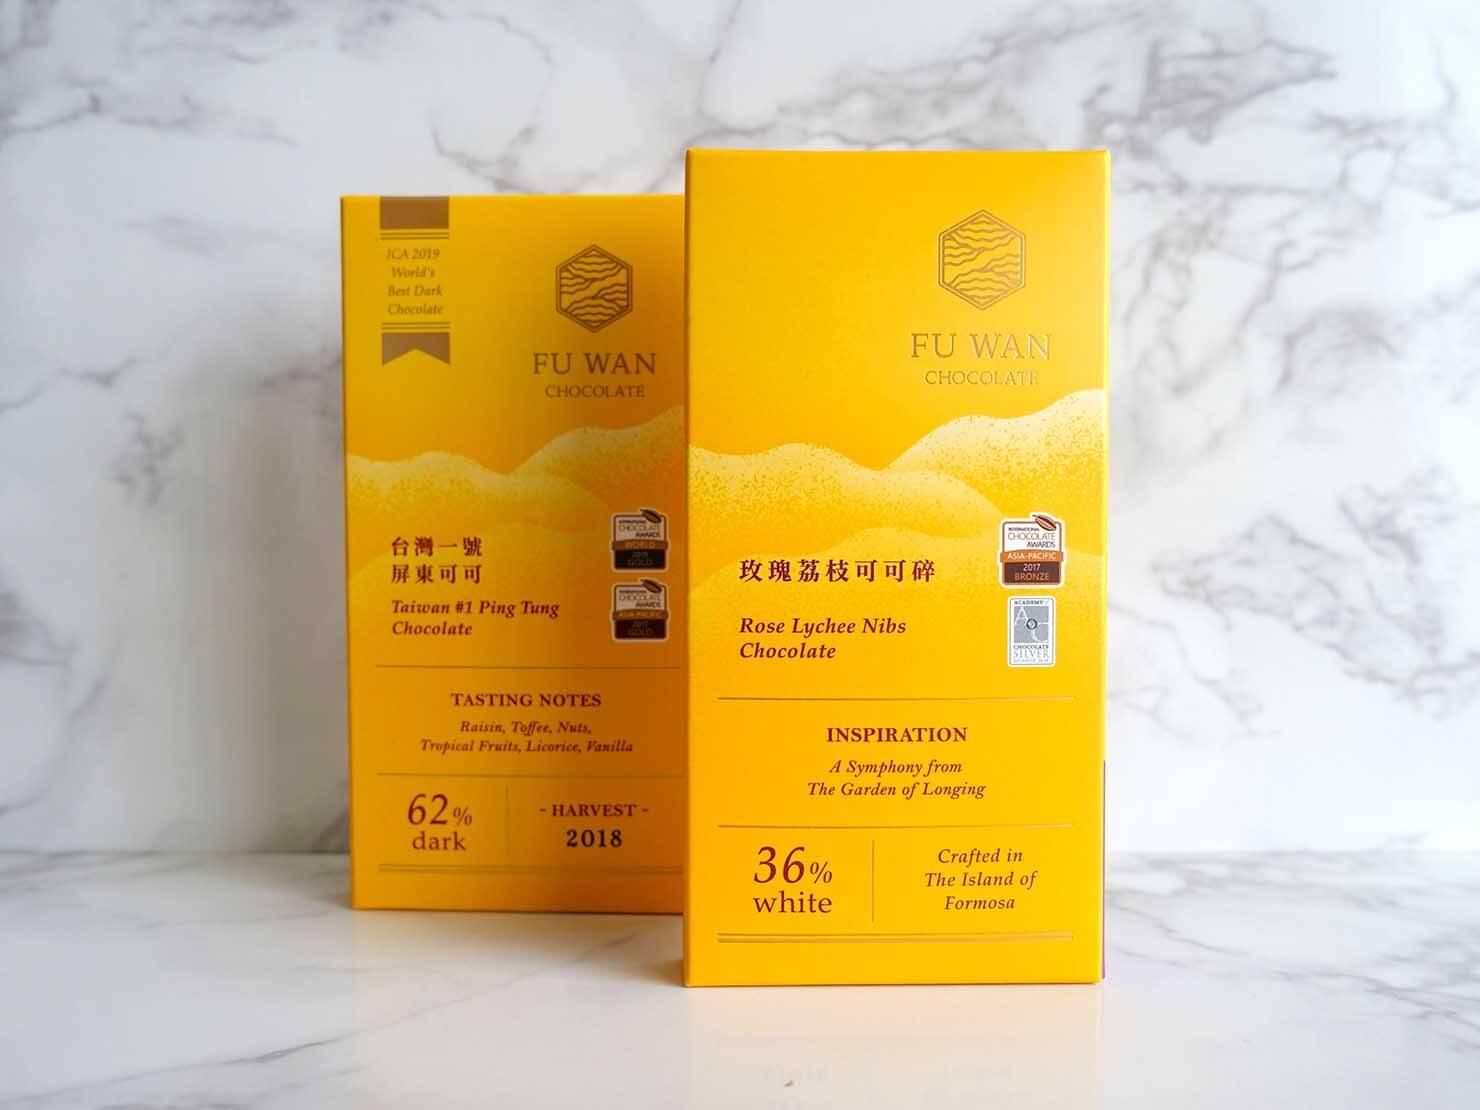 台北・永康街のおすすめおみやげショップ「來好 LAIHAO」で買った福灣巧克力のパッケージ